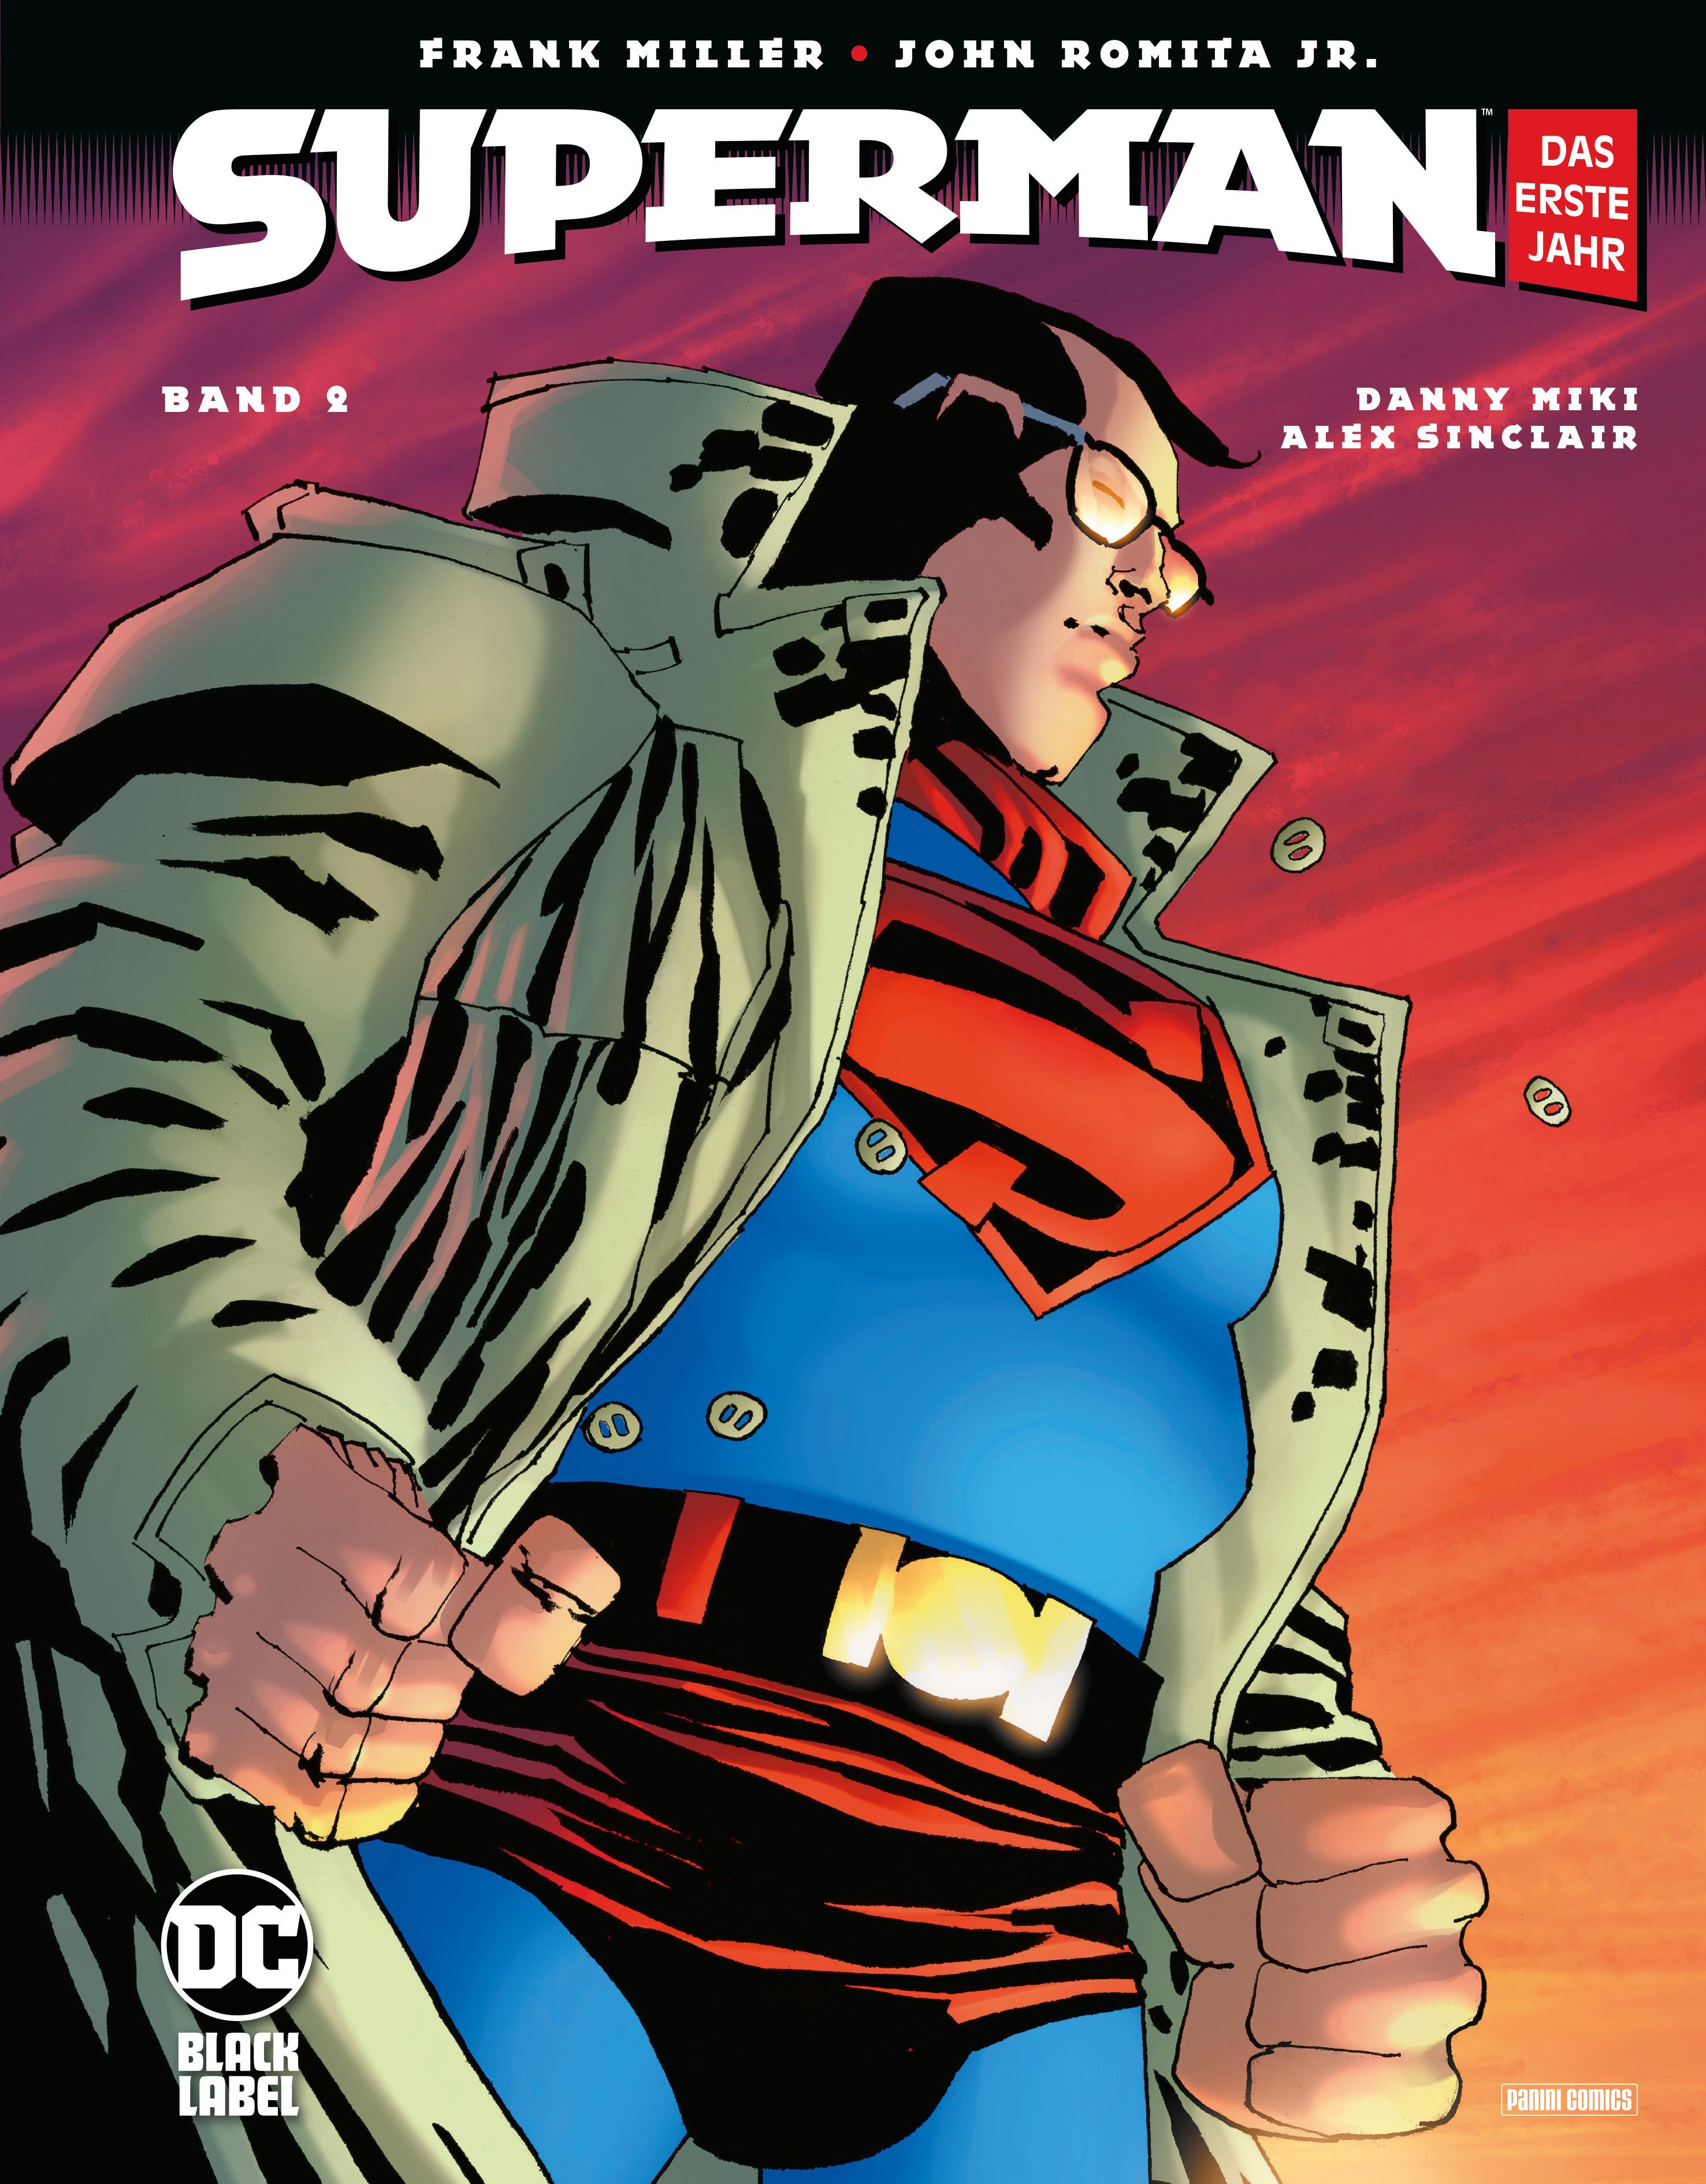 Superman: Das erste Jahr 2 Variant